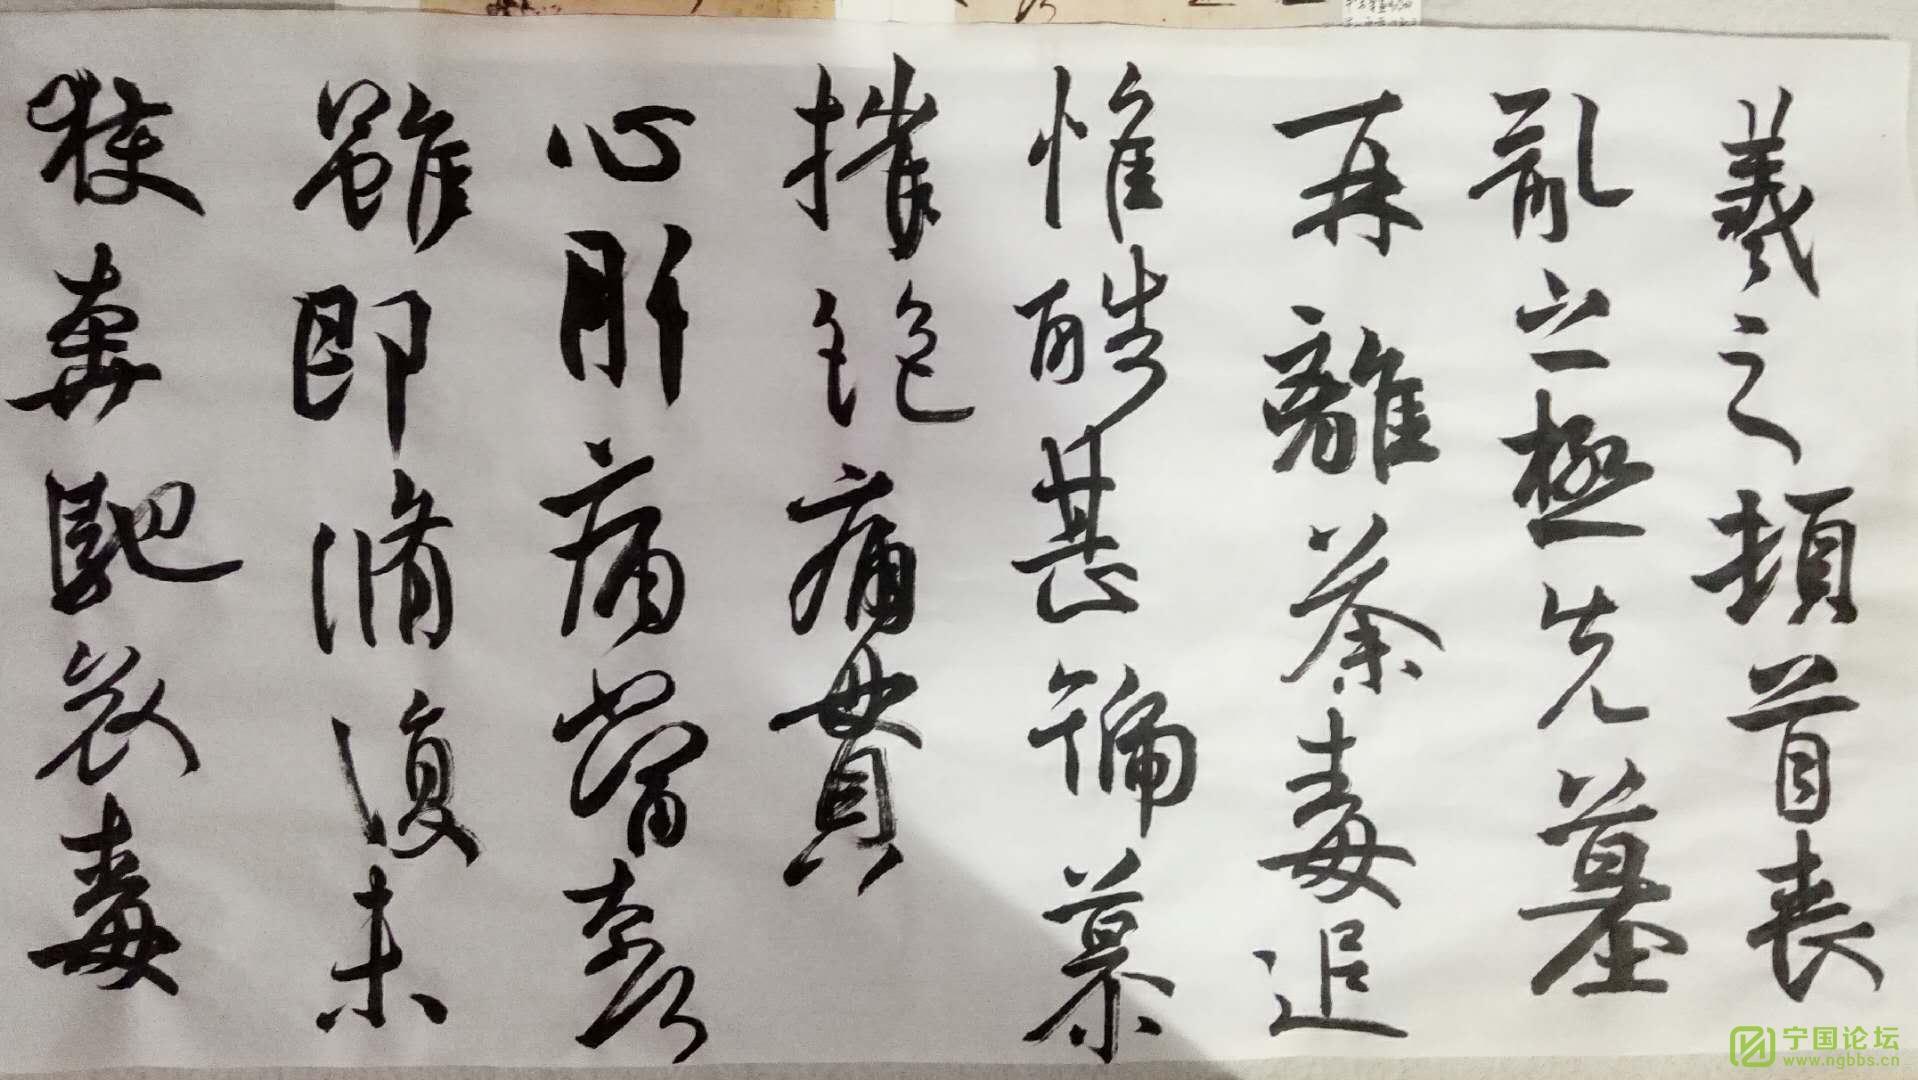 临丧乱贴 - 宁国论坛 - 1216779316.jpg